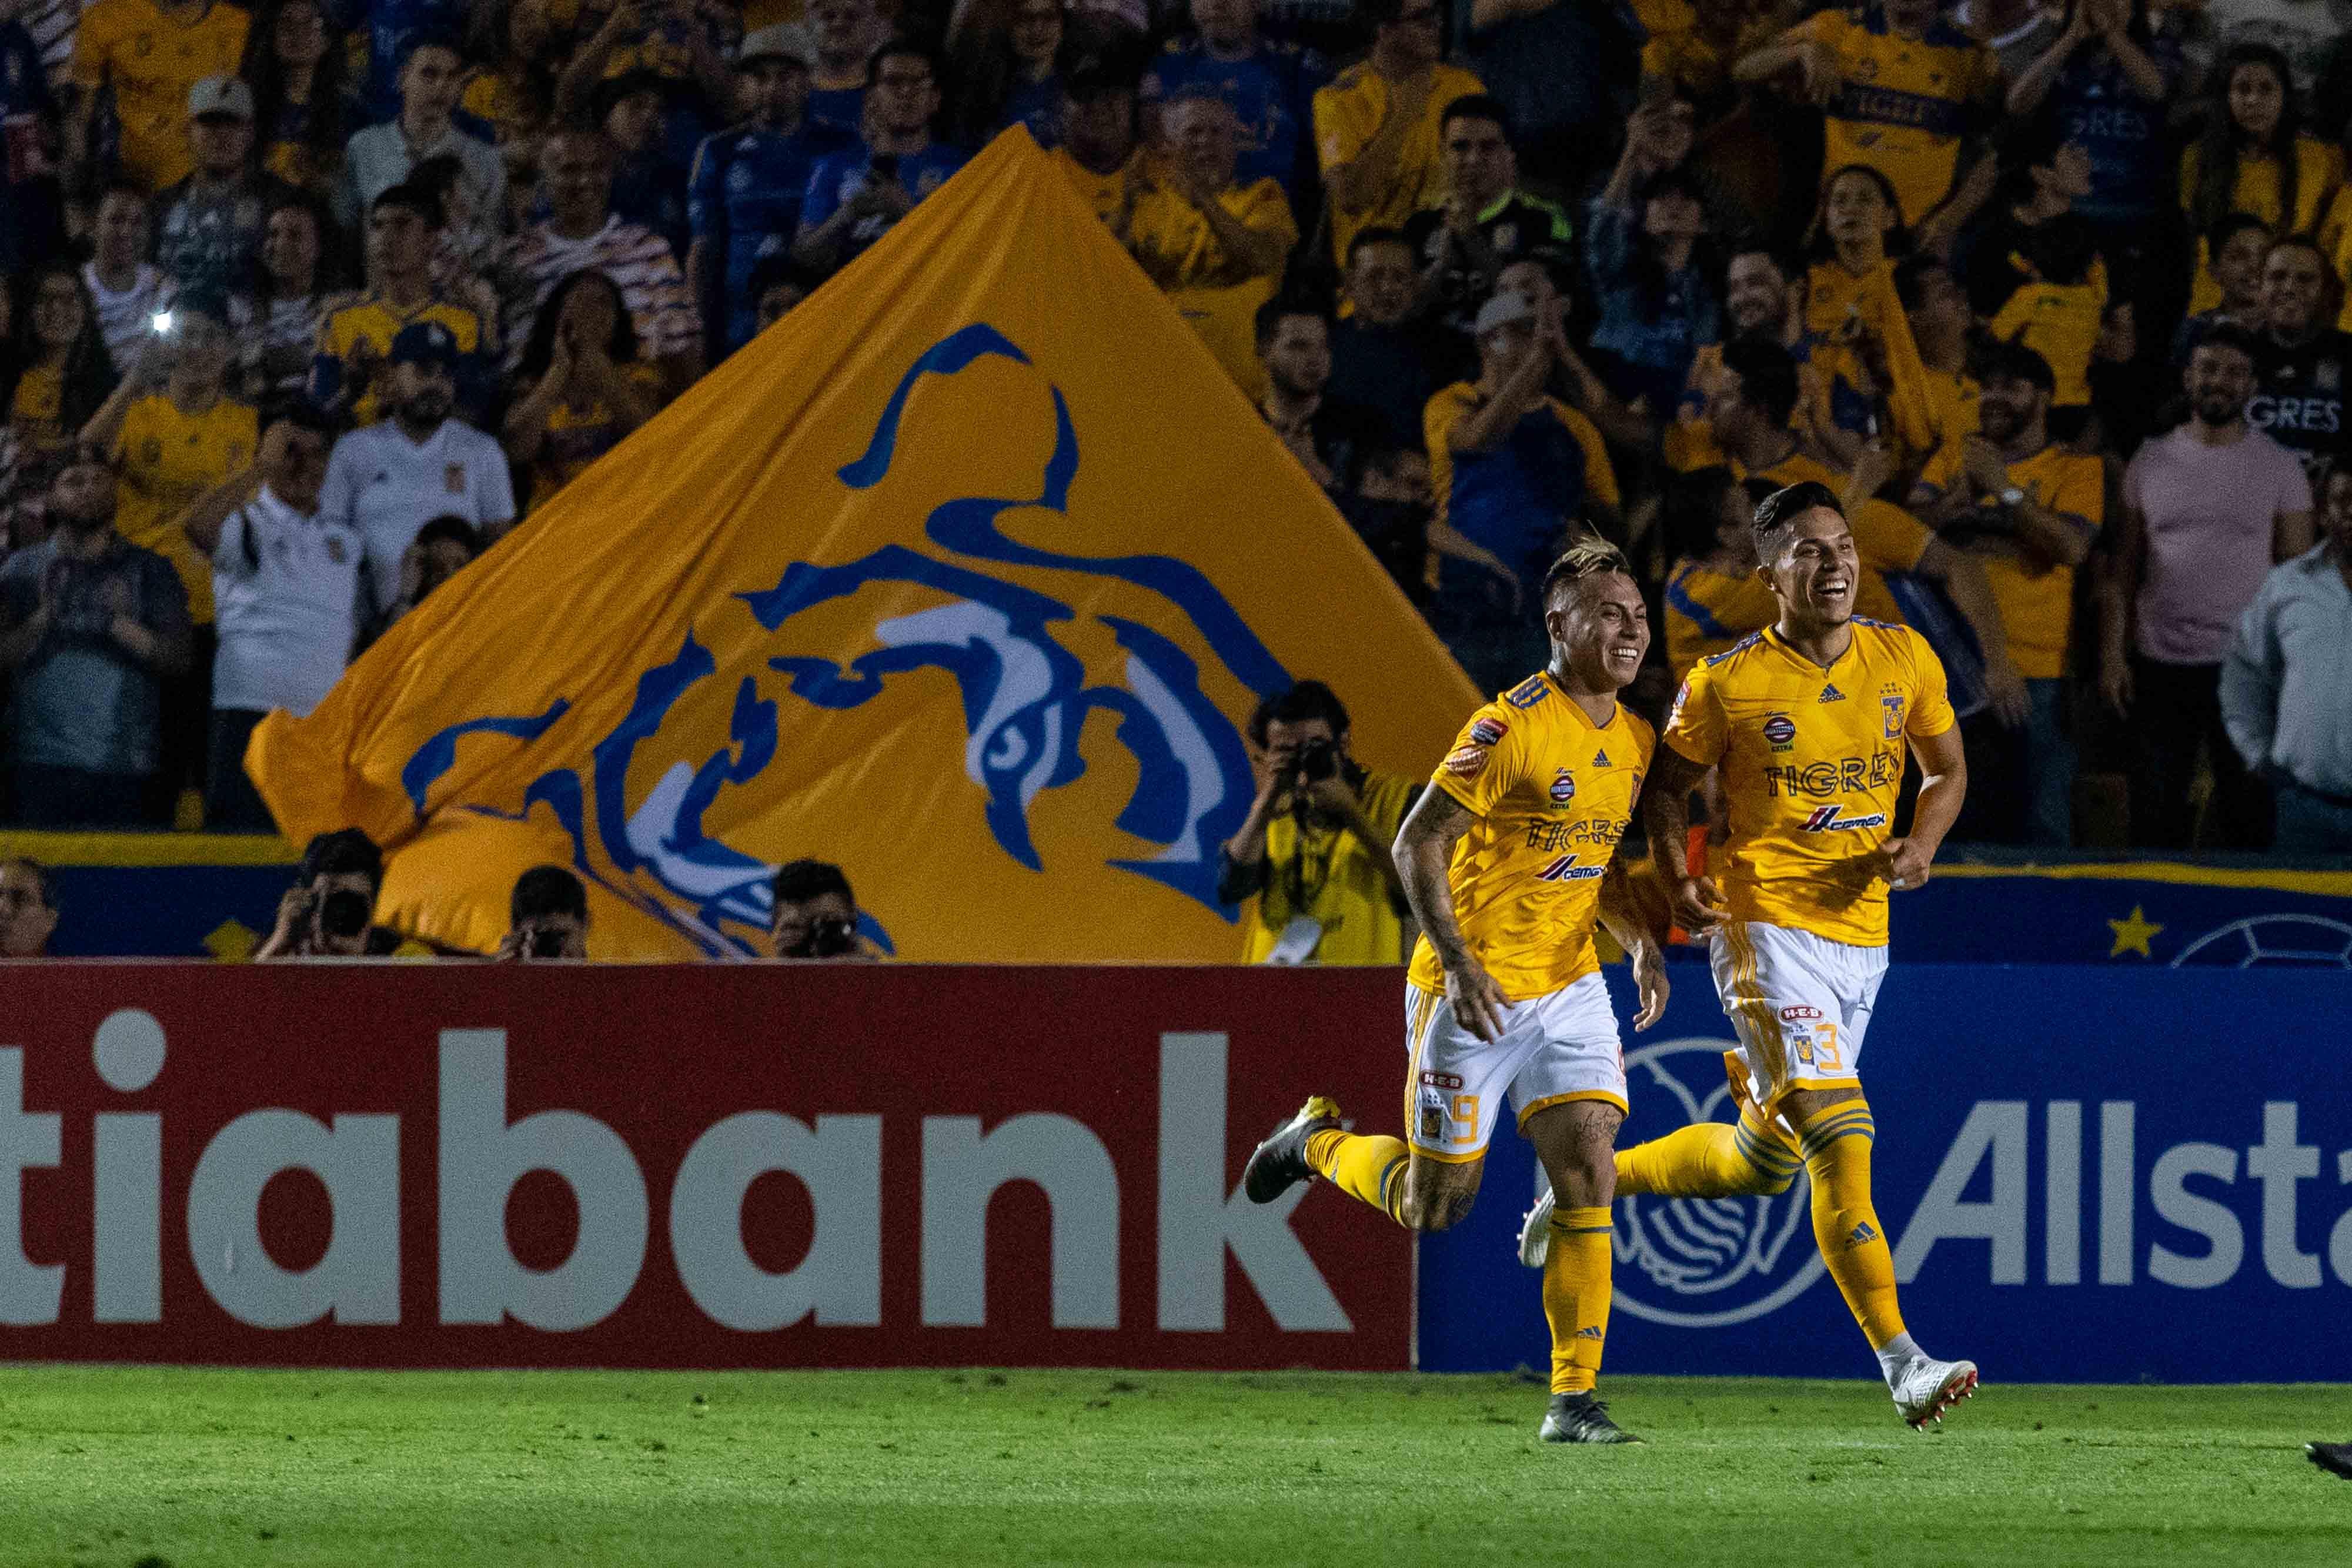 En fotos: Con gol de Carlos Salcedo los Tigres vencen a Houston Dynamo y van a Semis de la Liga Campeones